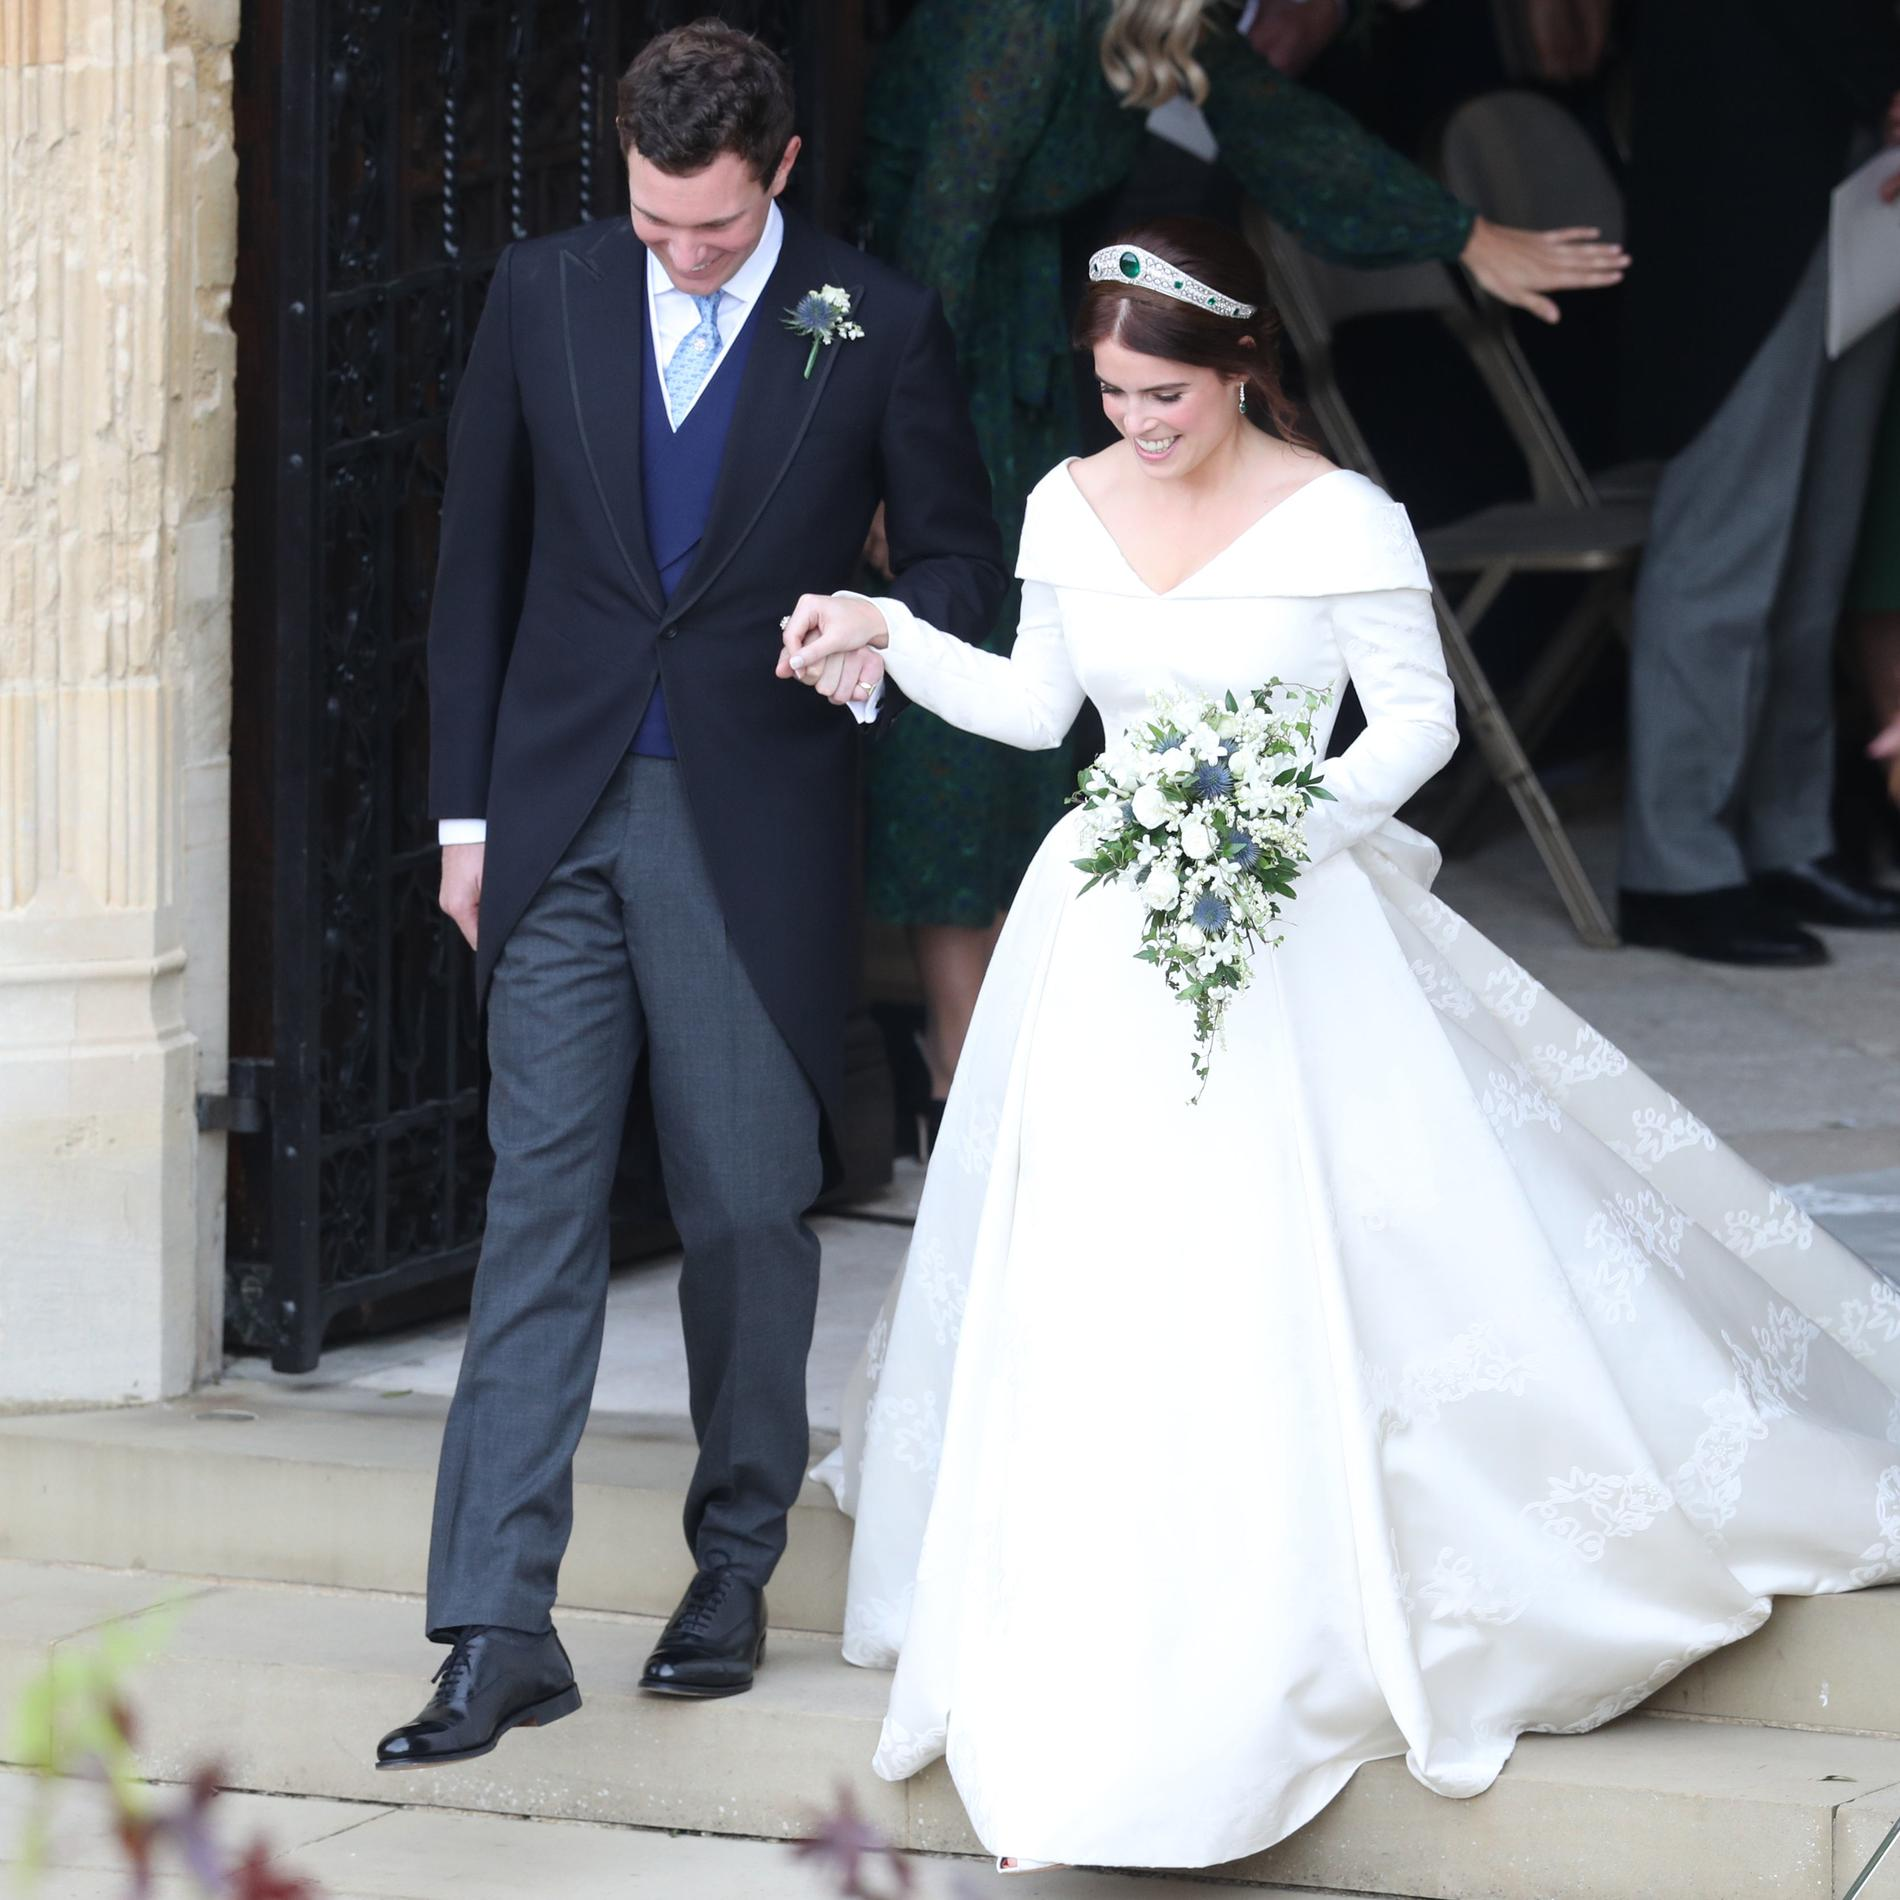 Les photos du mariage de la princesse Eugenie et Jack Brooksbank